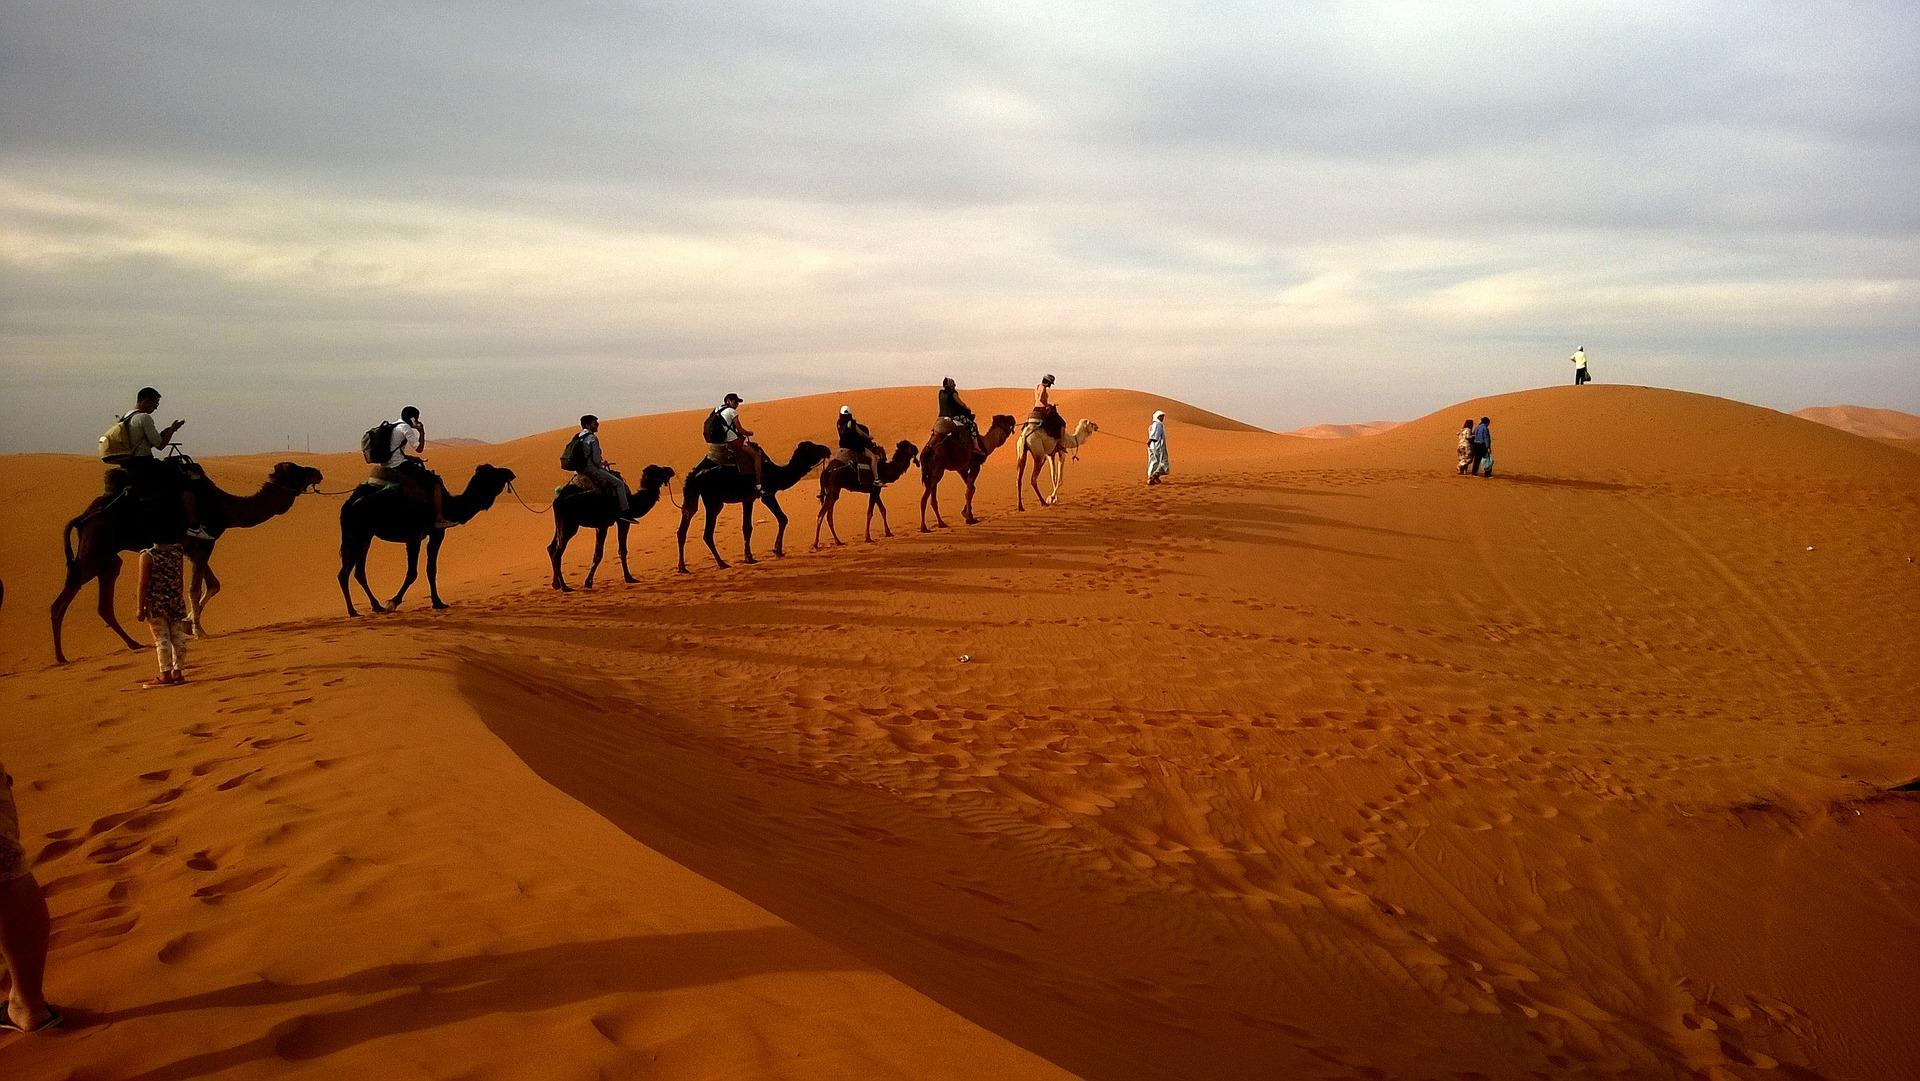 Εκδρομή με καμήλες στην έρημο Σαχάρα - ταξίδι στο Μαρόκο